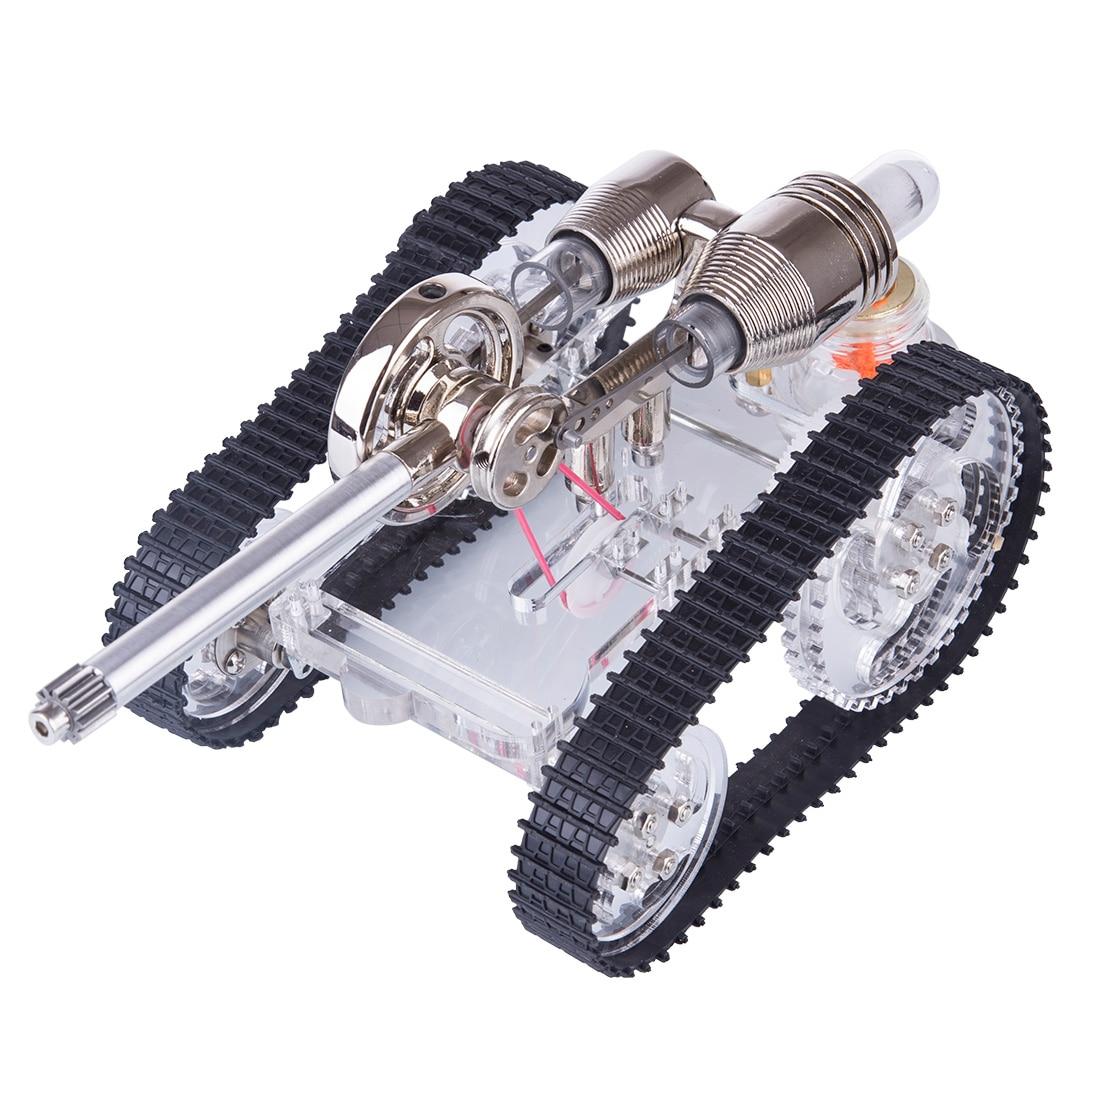 Tank Stirling Engine Model External Combustion Engine Model Building Kit